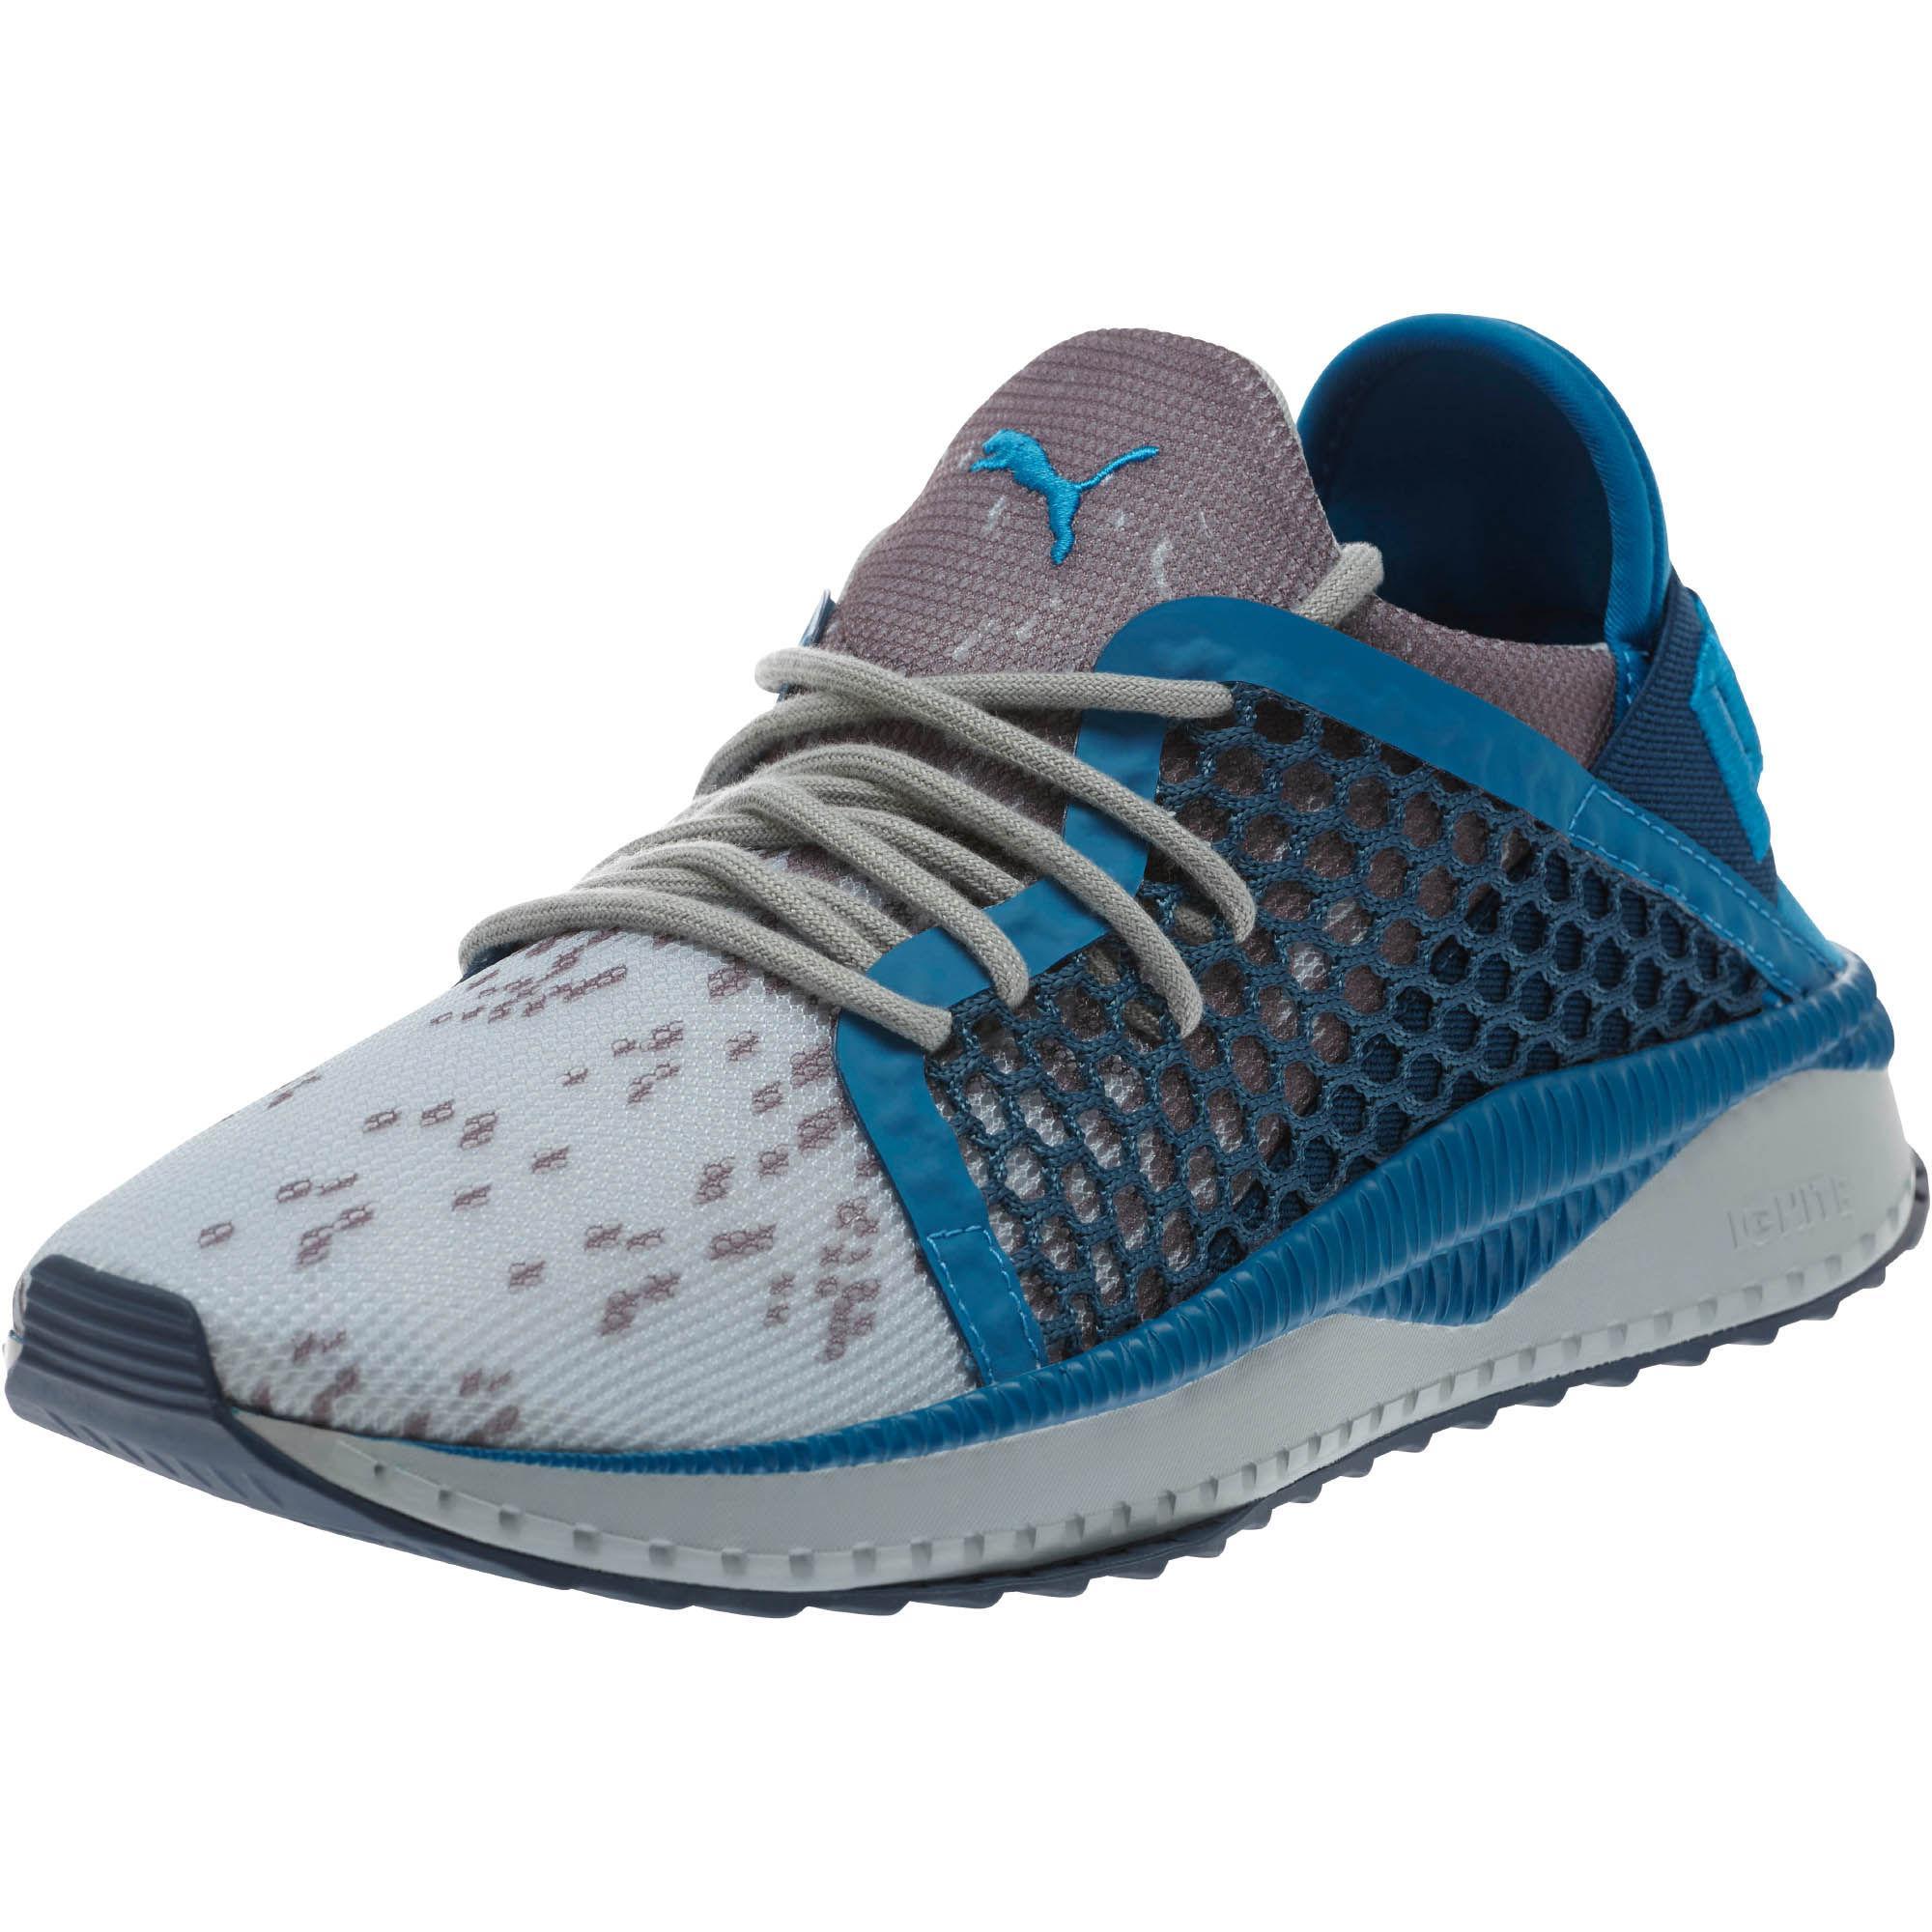 Tsugi Netfit Fade Men's Training Shoes